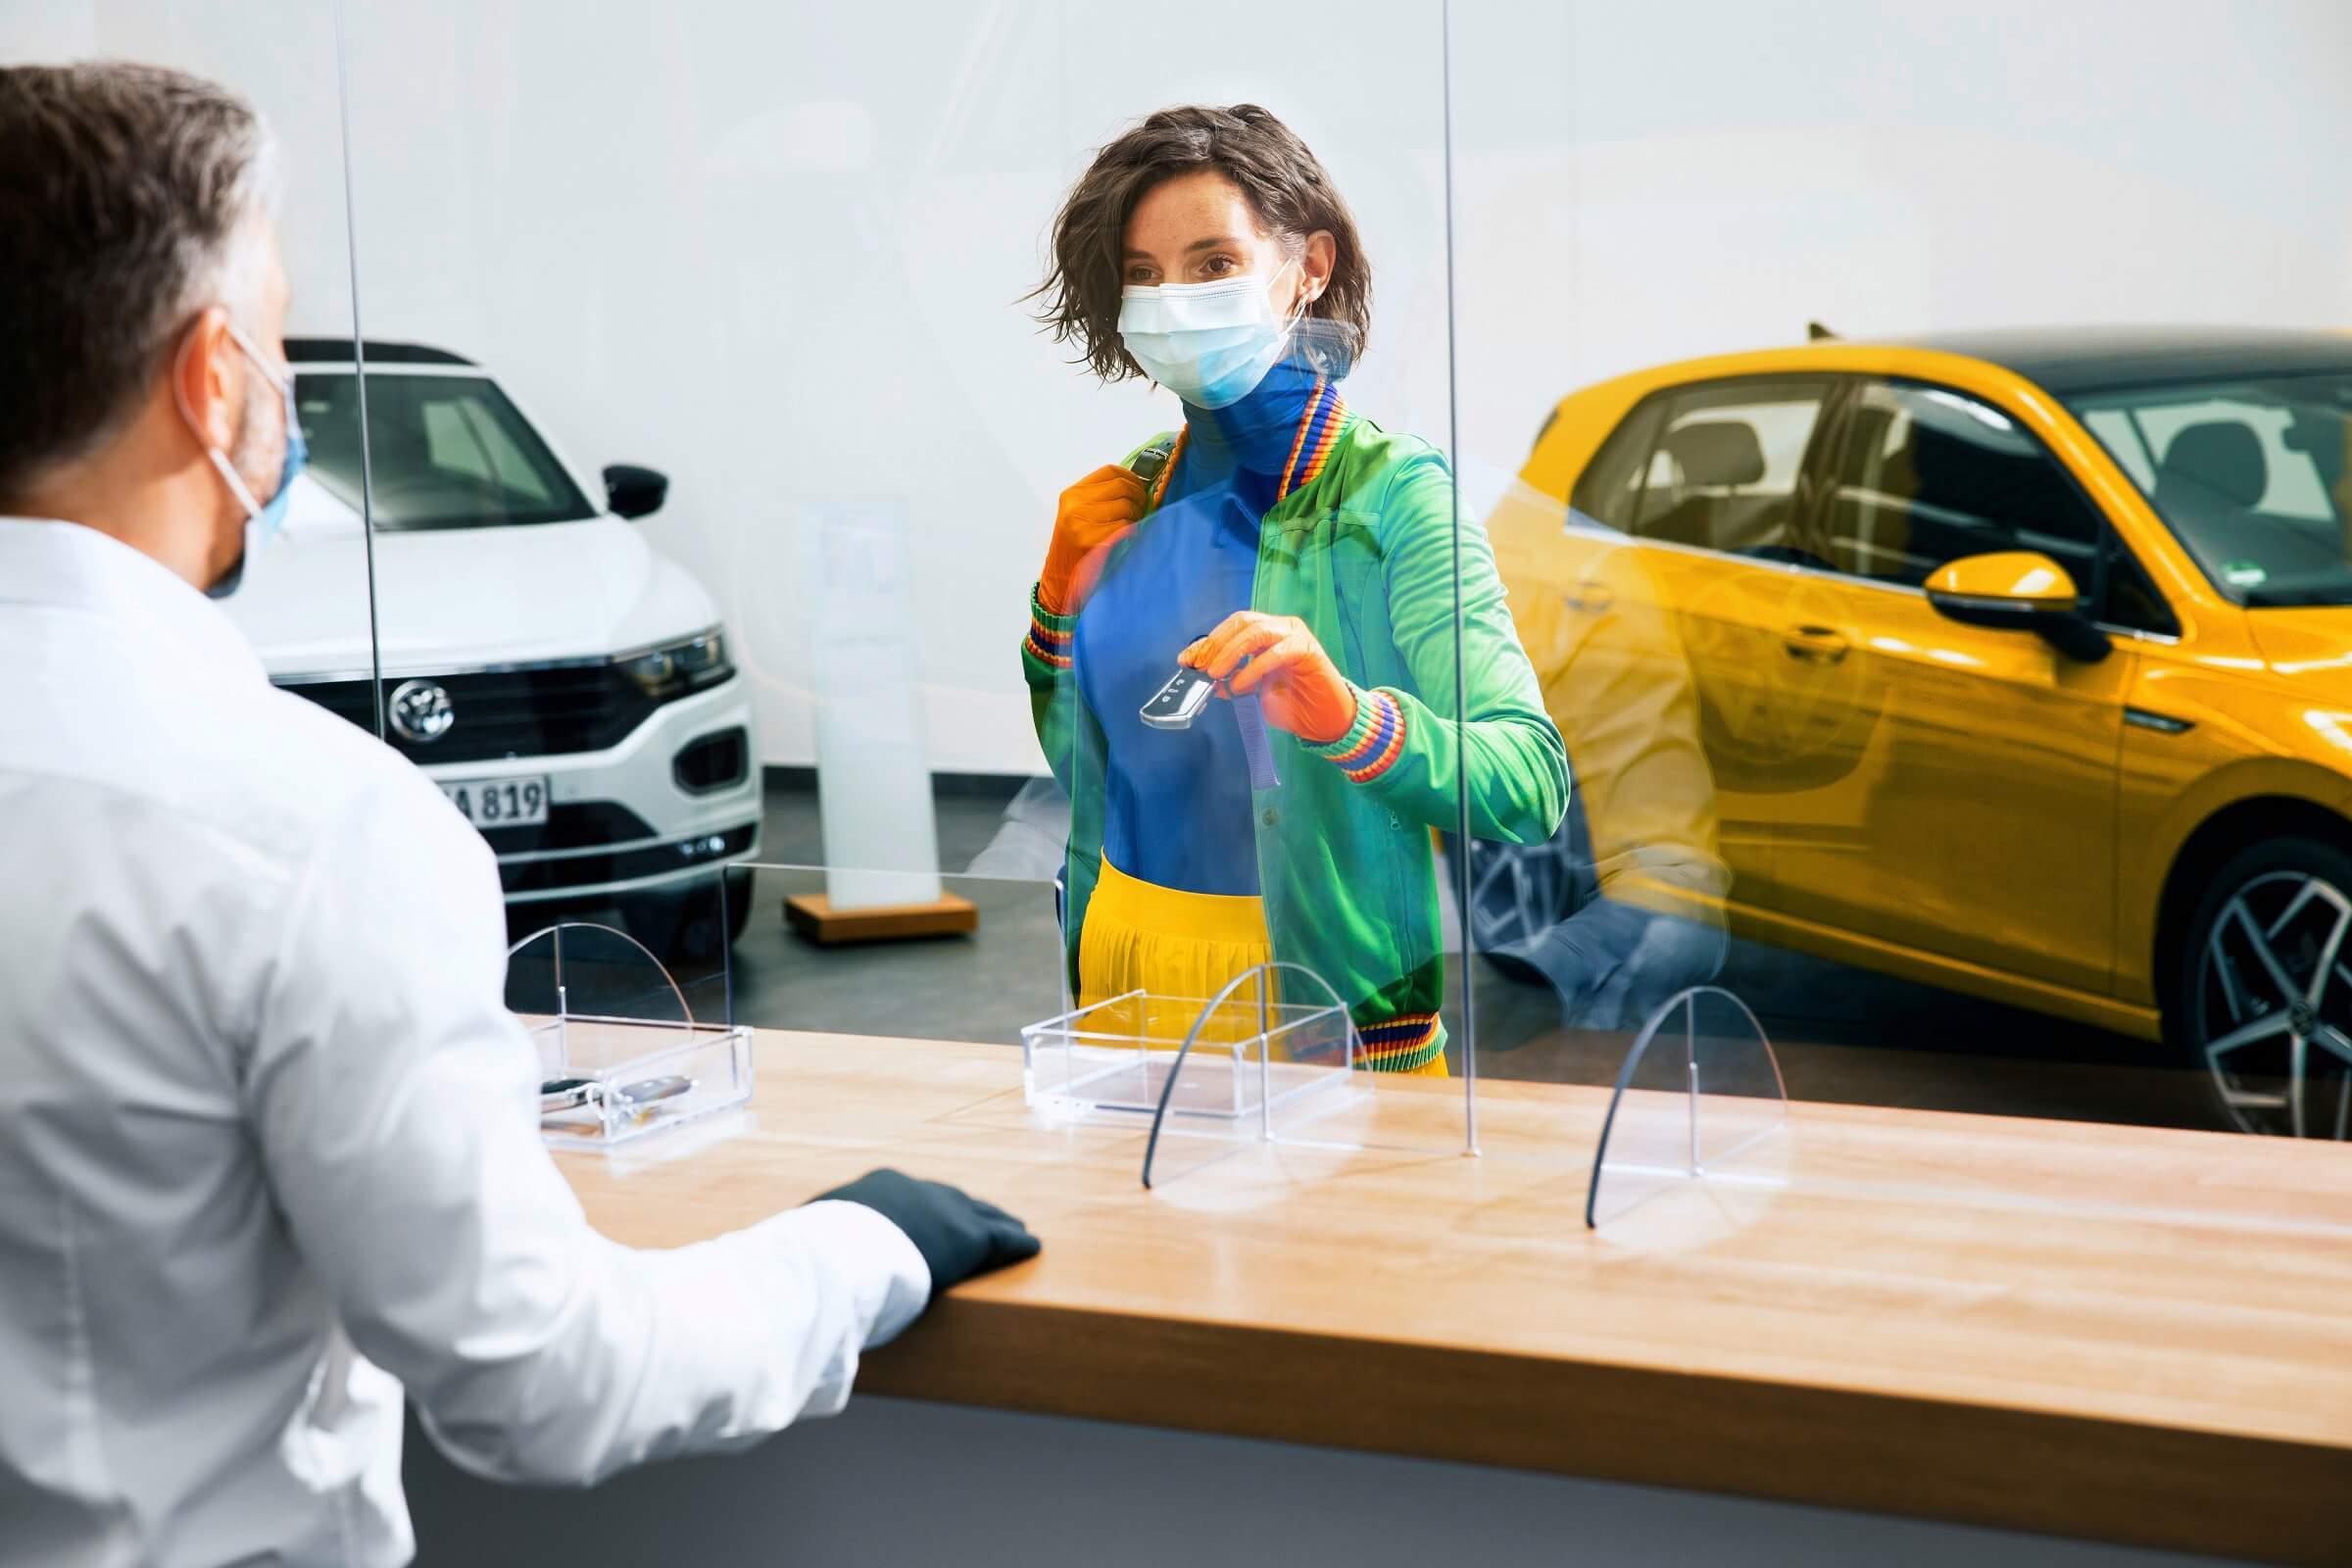 Δίκτυο Kosmocar - Επέκταση εγγύησης 3 μηνών - Υποδοχή Volkswagen service με μέτρα προστασίας COVID19